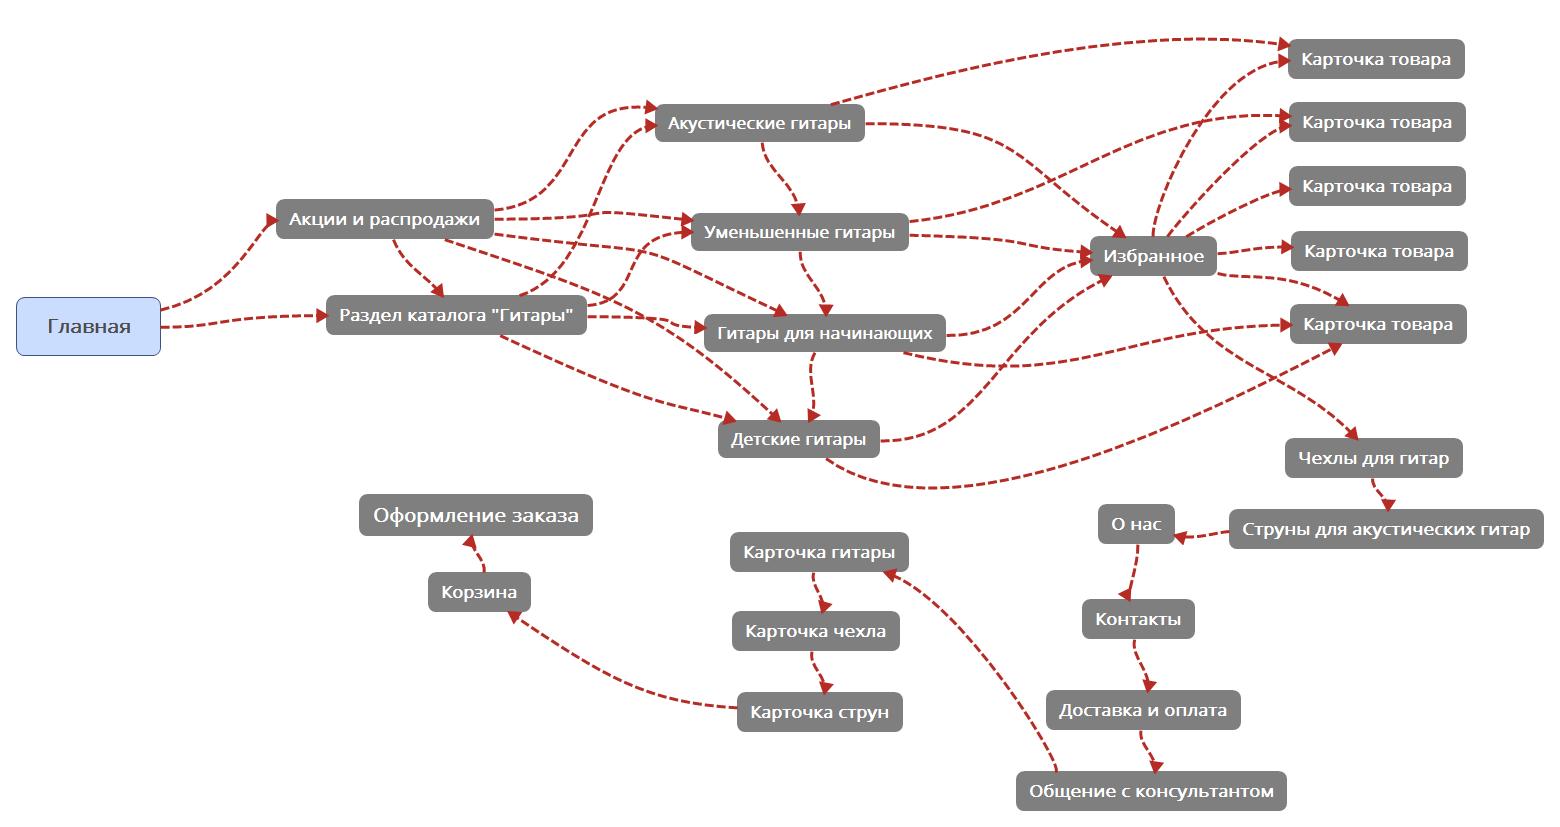 Юзабилити-лаборатория: создание персонажей для интернет-магазина музыкальных инструментов